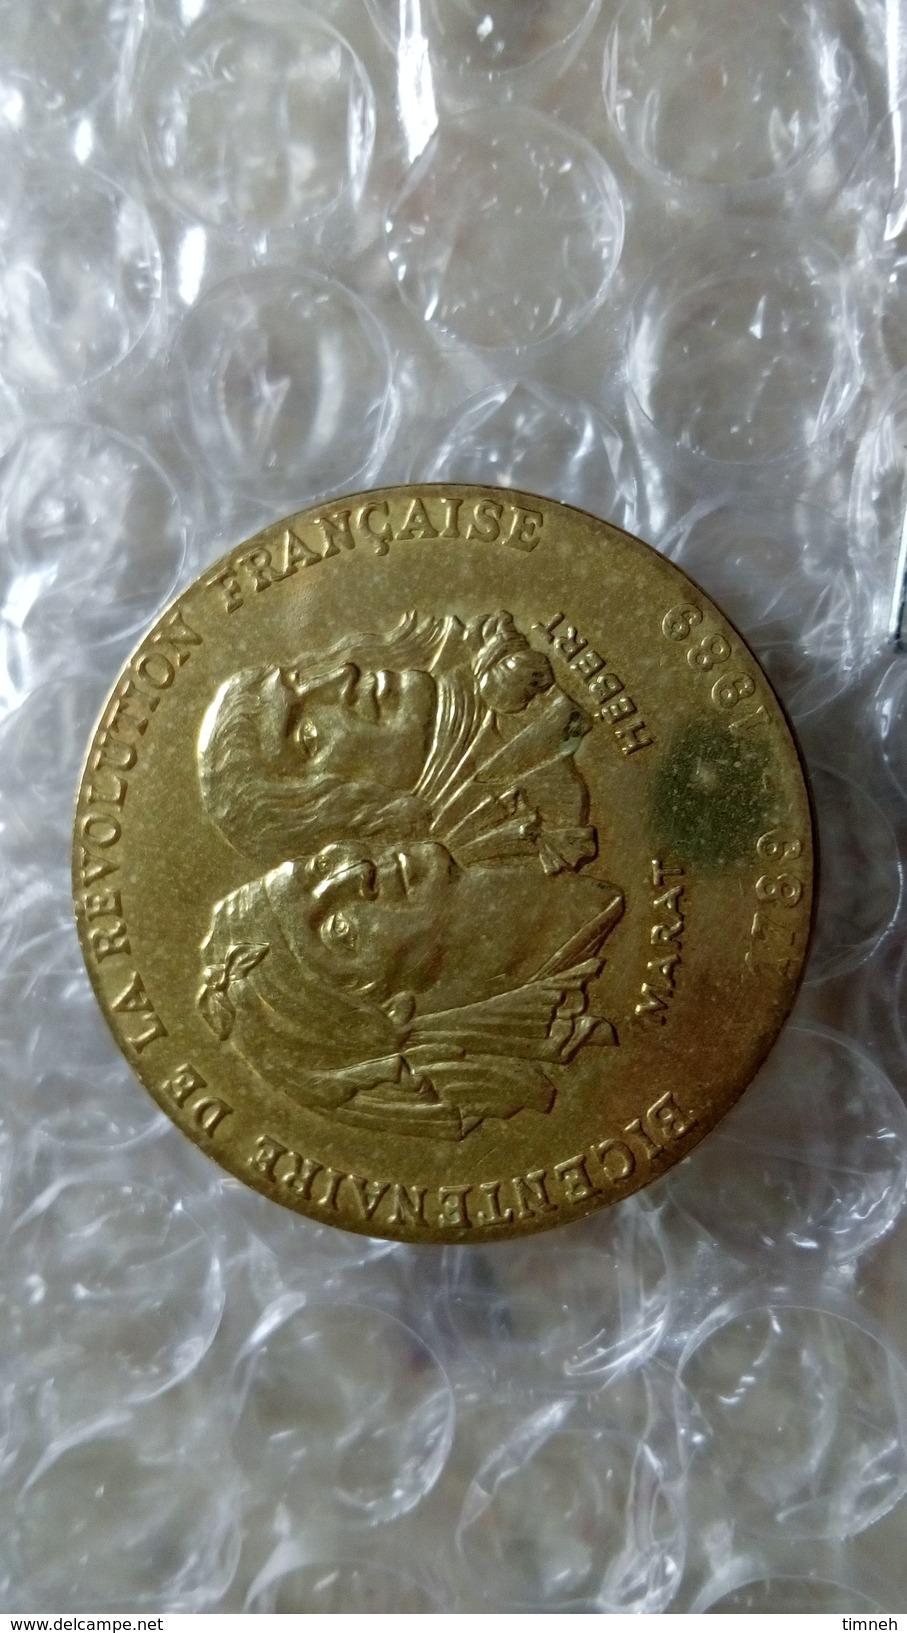 BICENTENAIRE DE LA REVOLUTION FRANCAISE - MARAT Et HEBERT Fabriqué Par LA MONNAIE DE PARIS 1989 - Monnaie De Paris